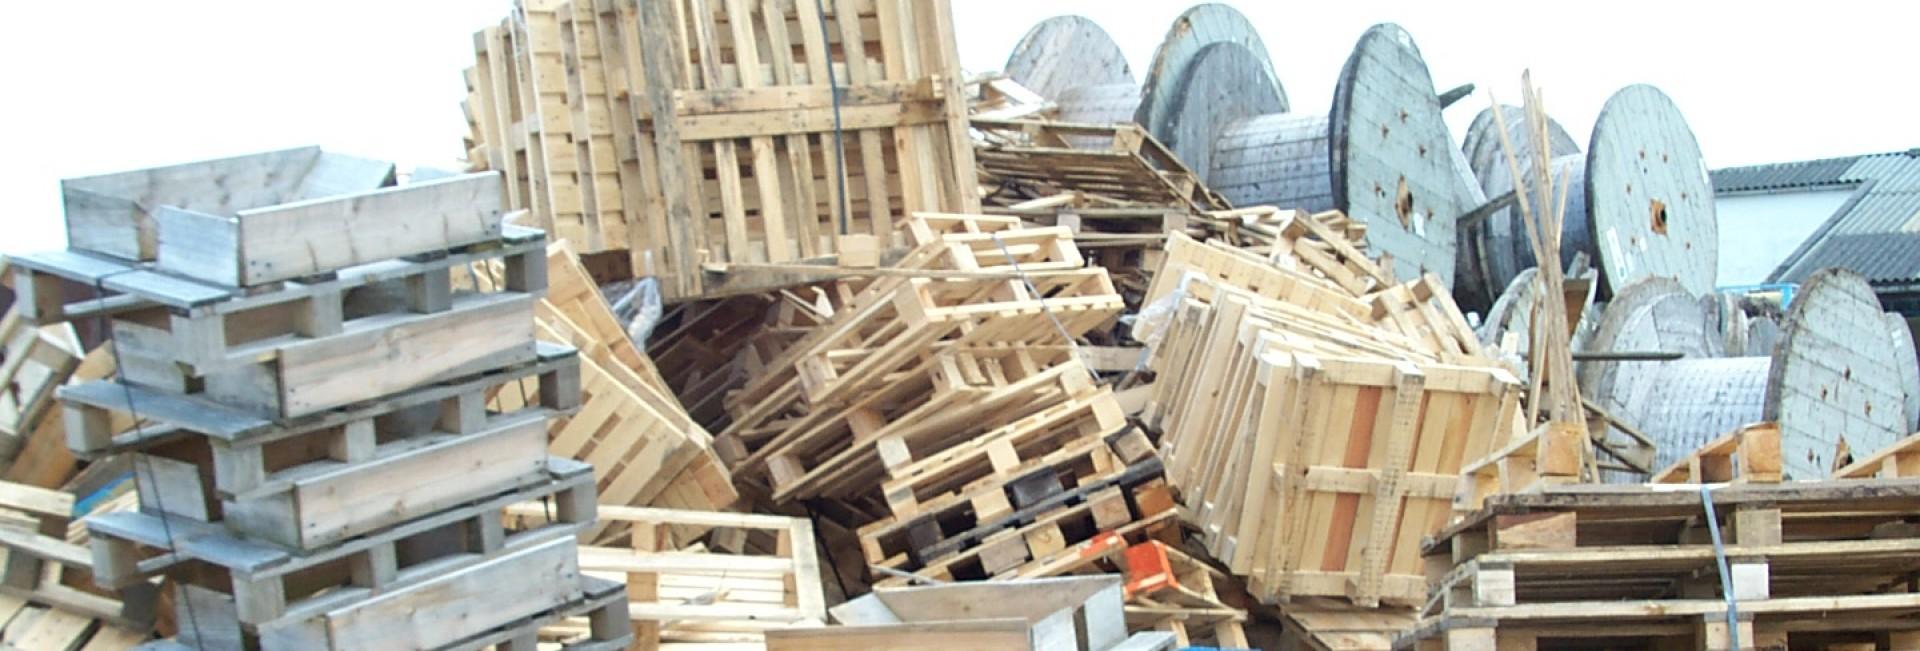 Recycling van hout steenhuis recycling - Keukenmeubelen hout recyclen ...